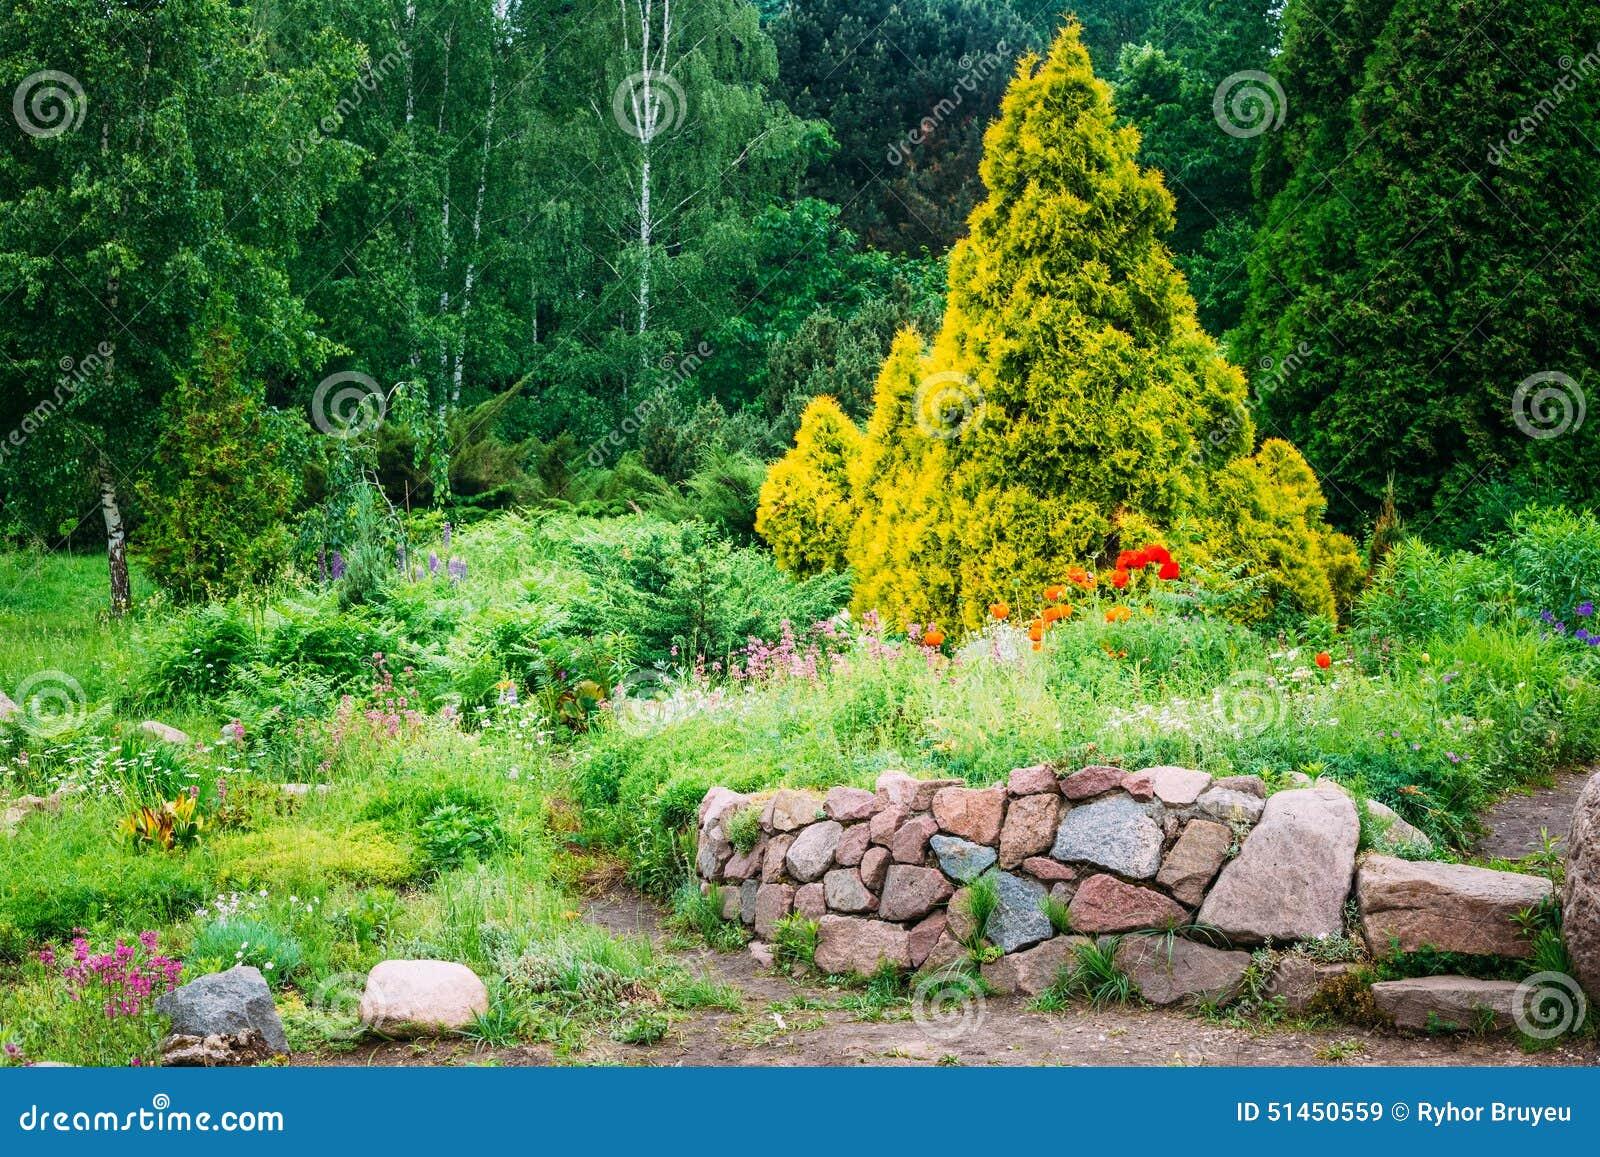 Garden landscaping design flower bed green trees stock for Short bushes for landscaping